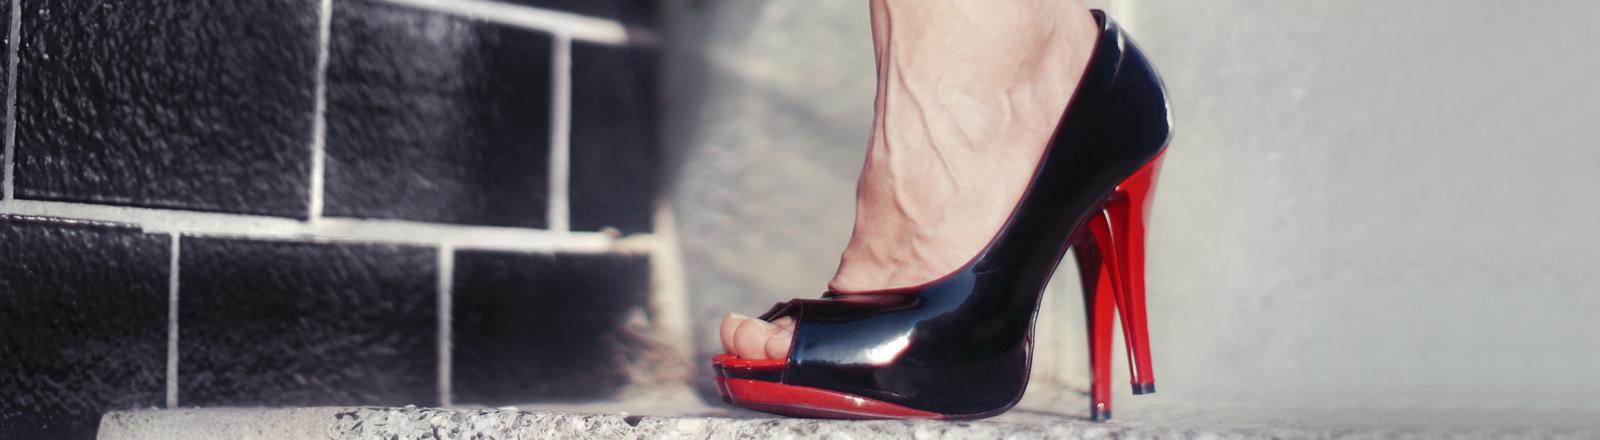 Fuß in schwarz-roten hochhackigen Pumps auf Treppenabsatz